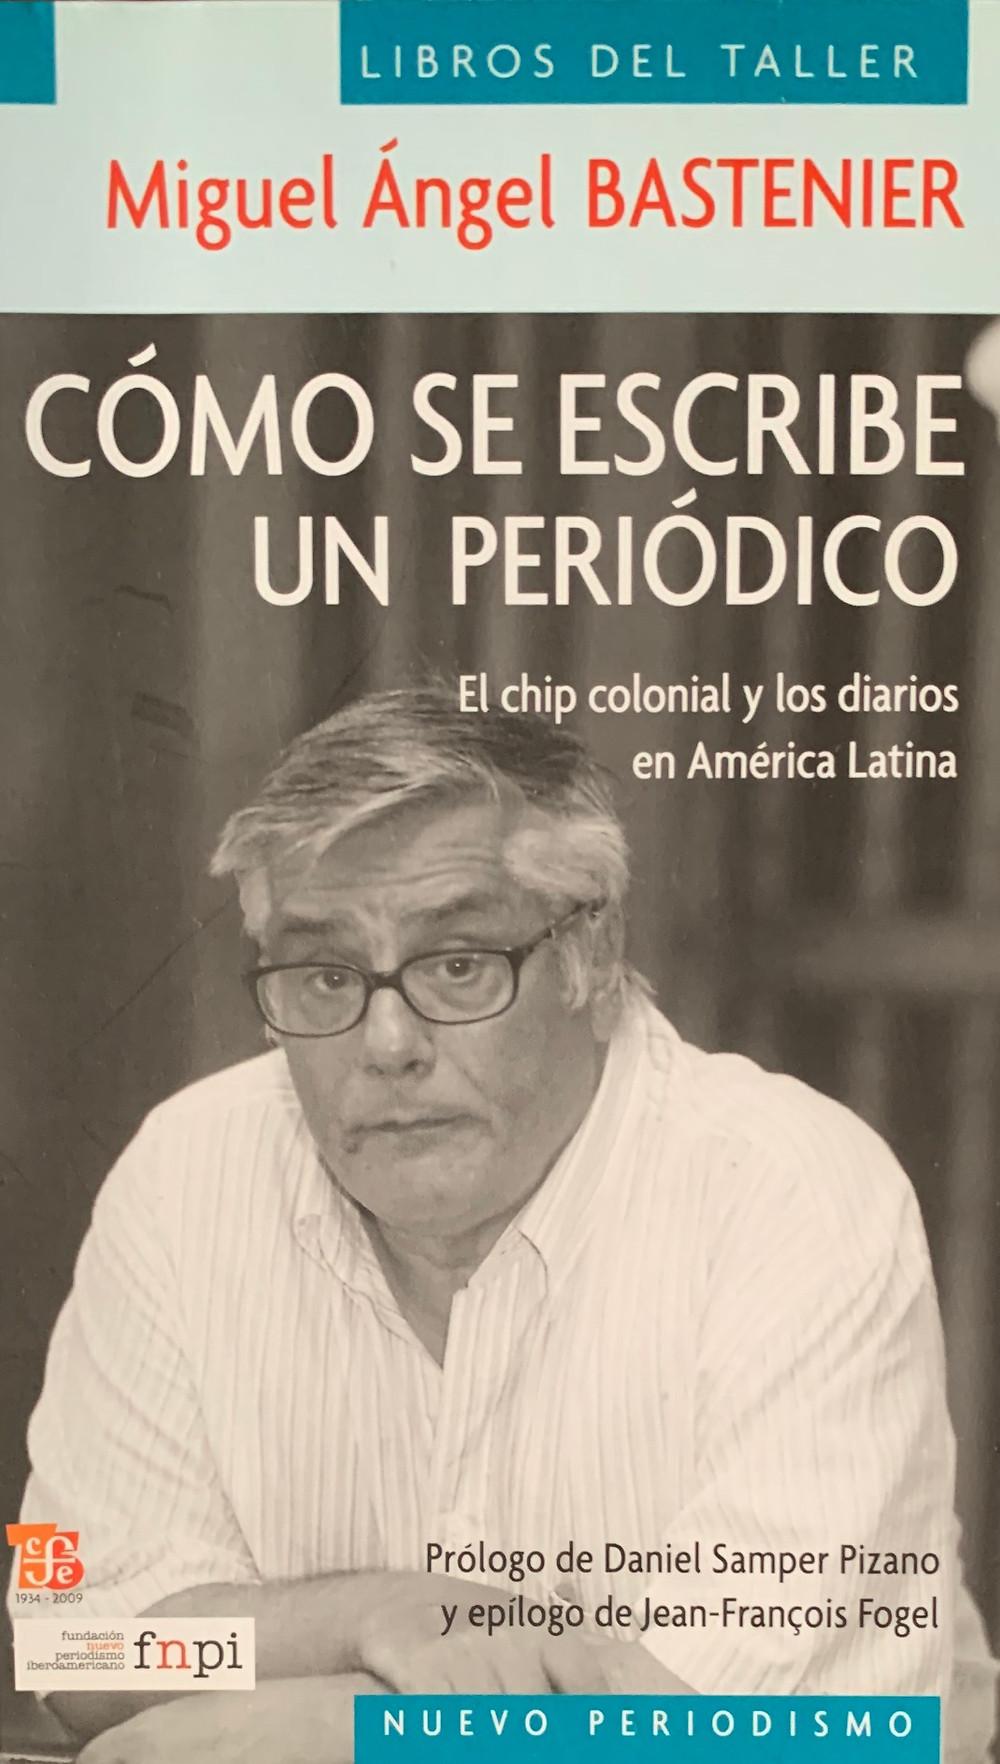 Para Miguel Ángel Bastenier, un buen periodista debería ser suspicaz, perspicaz, pertinaz y algo mordaz.